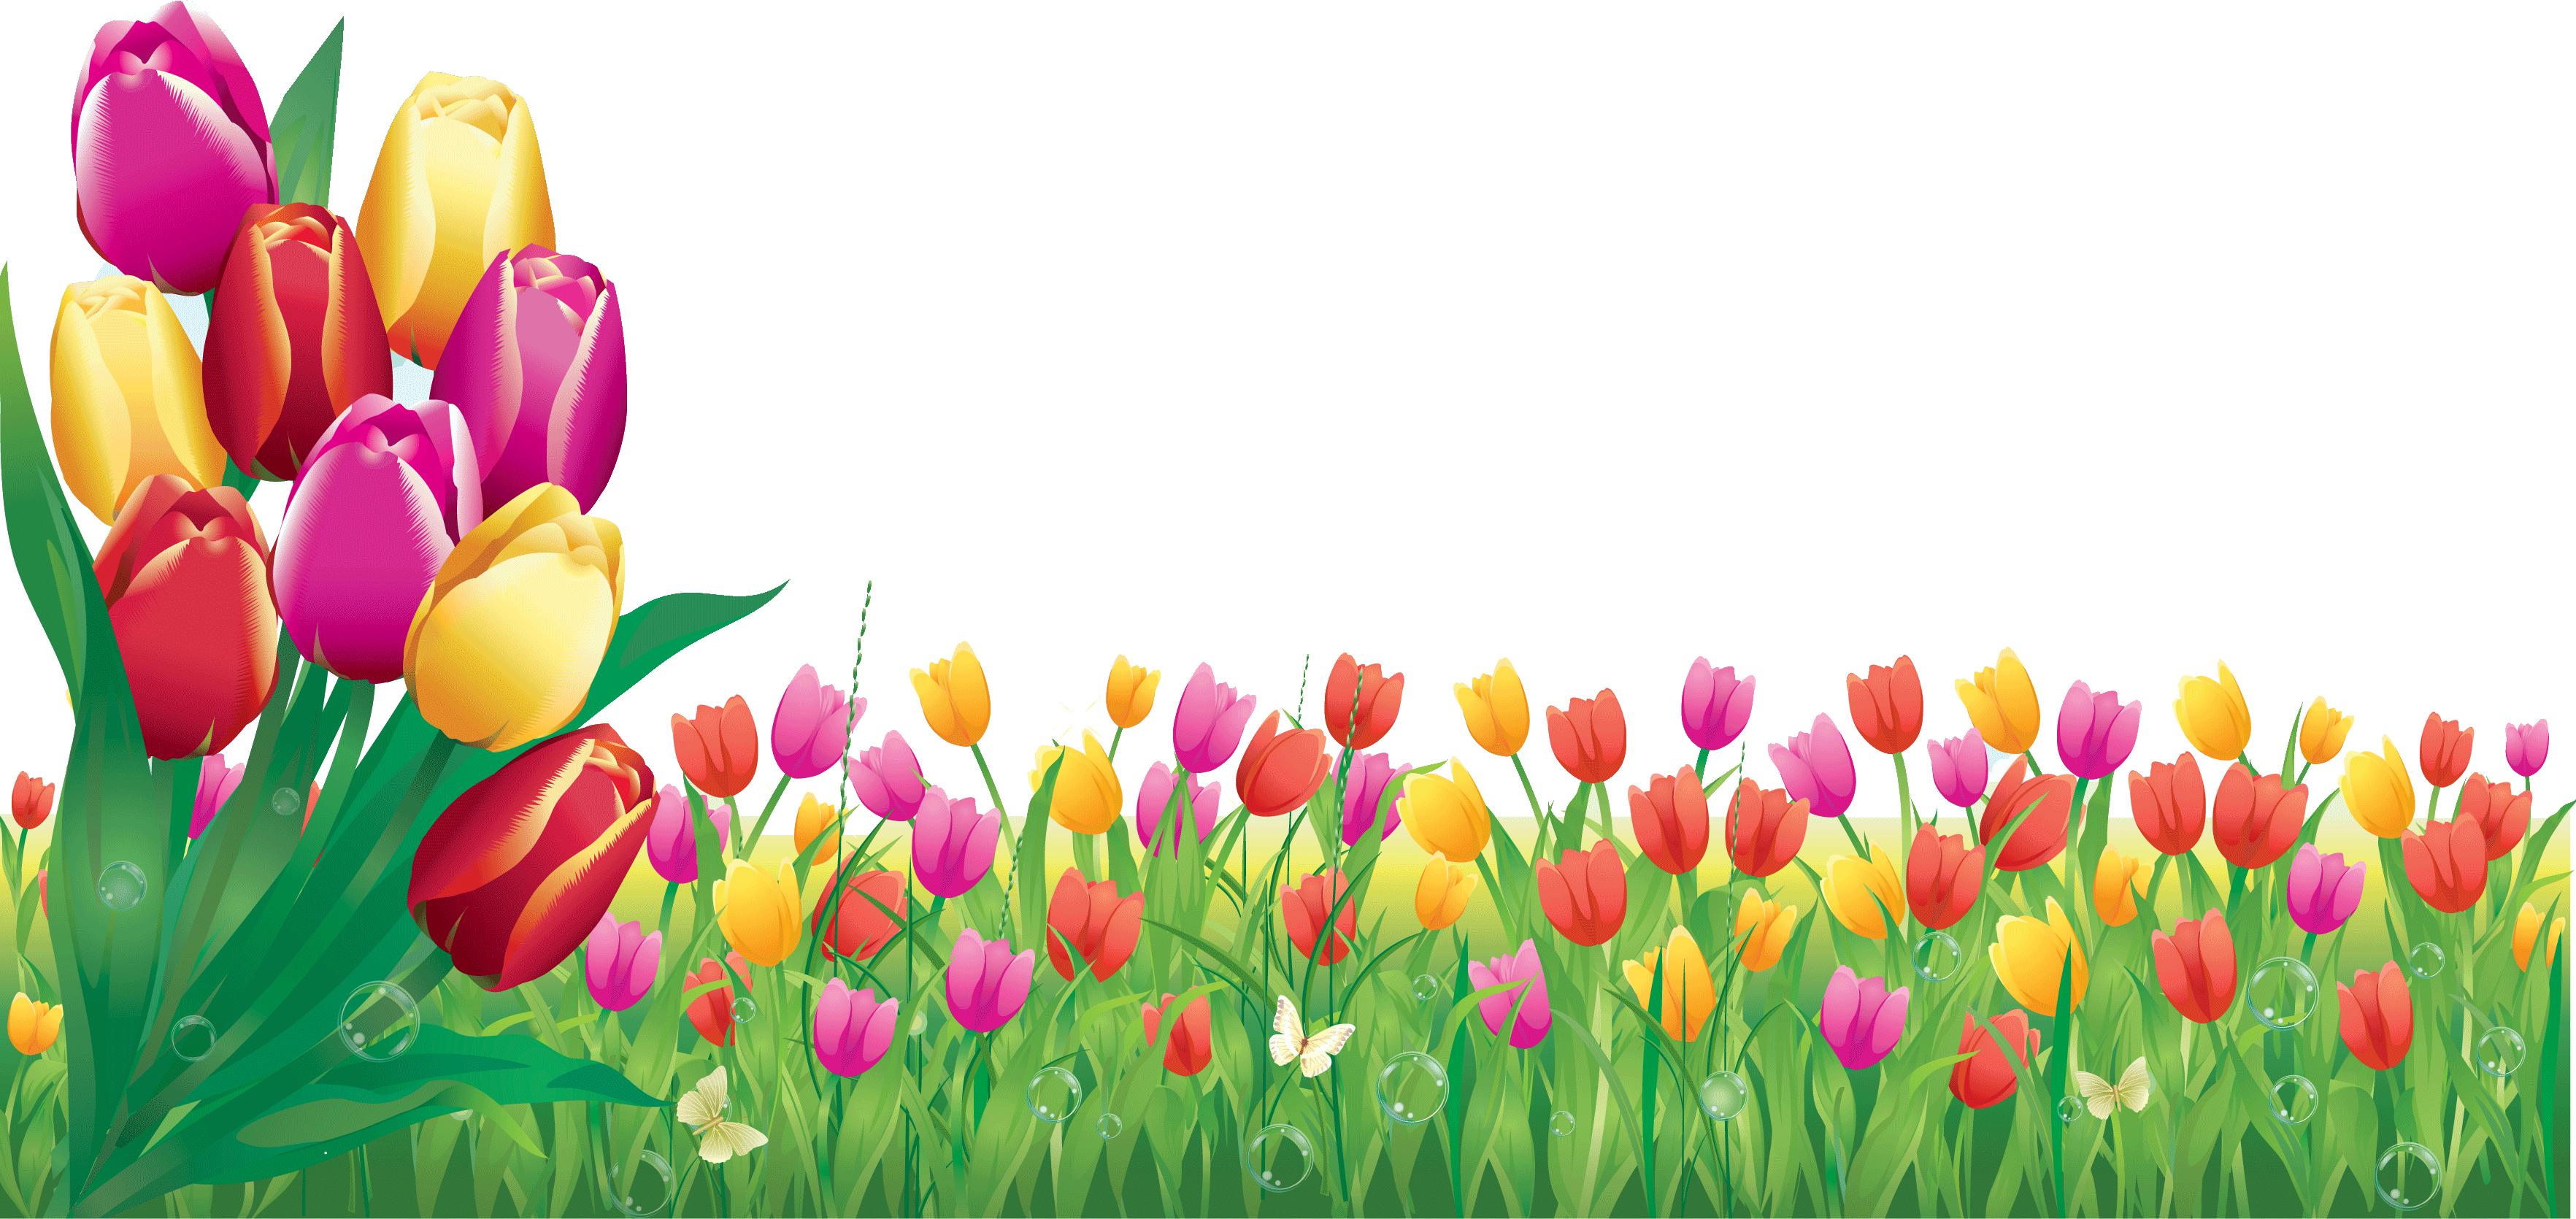 花のイラスト・フリー素材/壁紙・背景no.356『チューリップ畑・透過色』